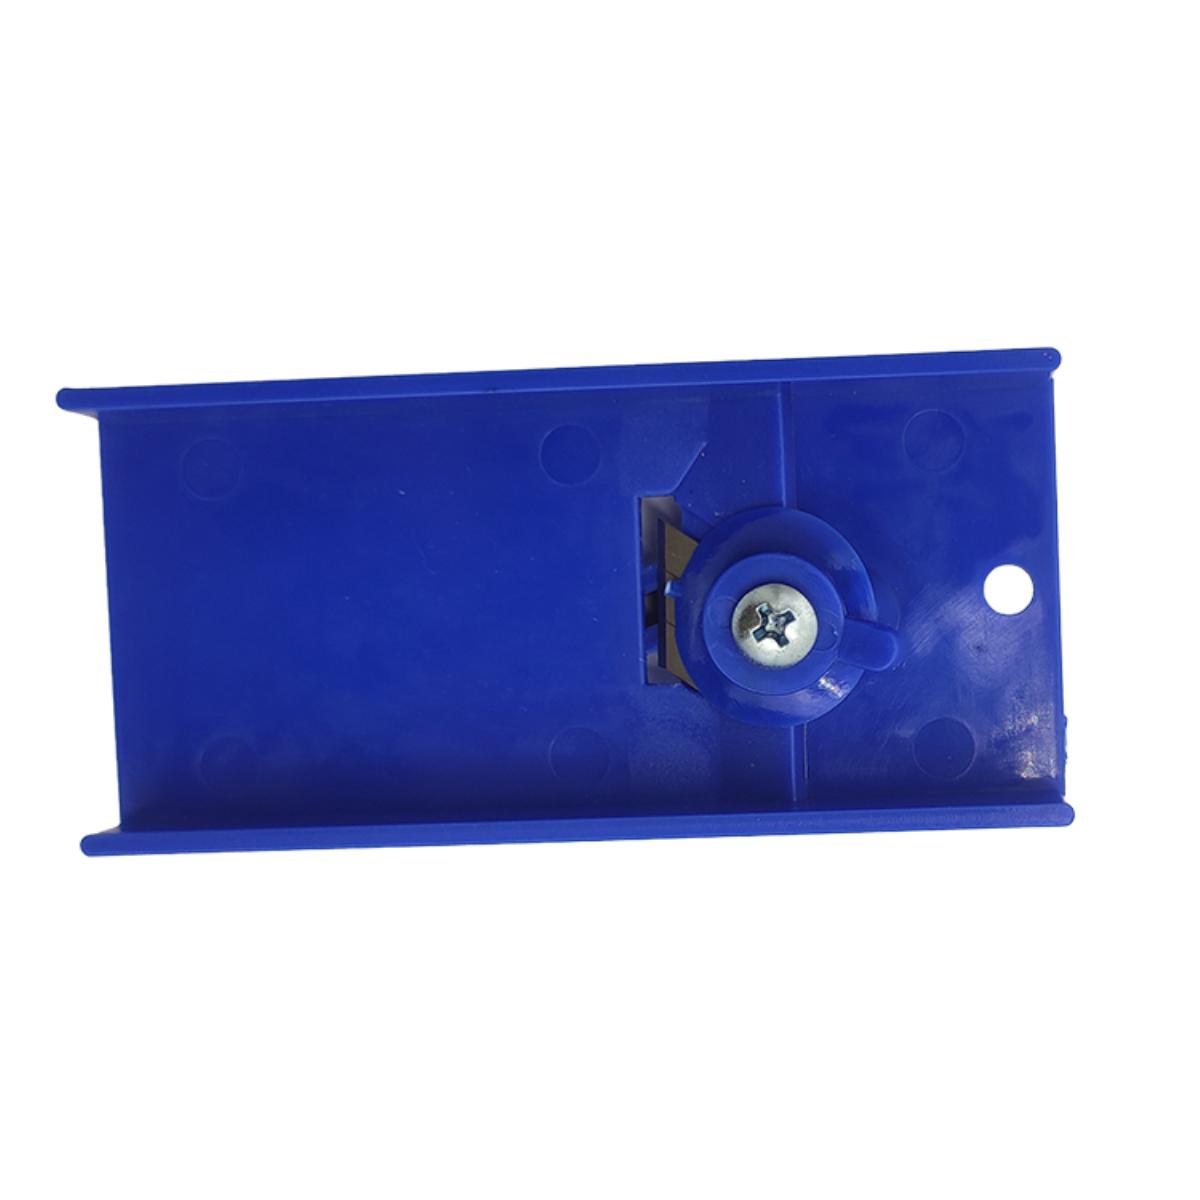 Жесткий скребок для заточки карточек, скребок, инструмент для ремонта, Тонировка окон, инструмент для заточки, сглаживания краев, инструмент для обертывания автомобиля, нож для заточки E33